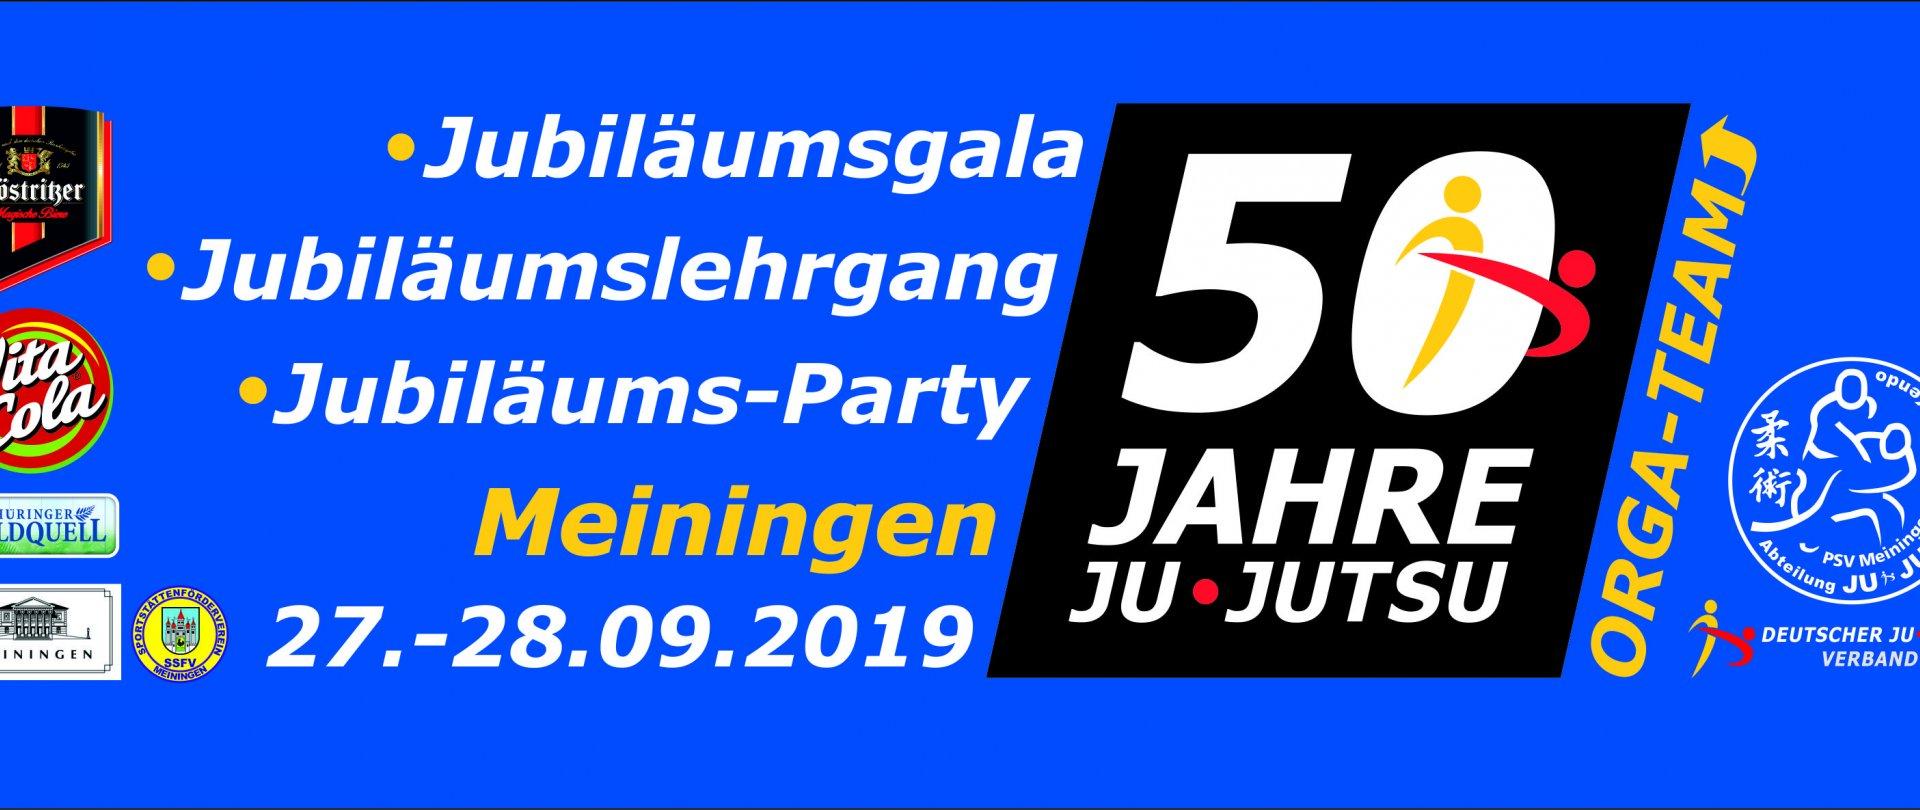 50 Jahre JU-JUTSU in Deutschland - Jubiläumsgala - Jubiläumslehragng und Disco-Party